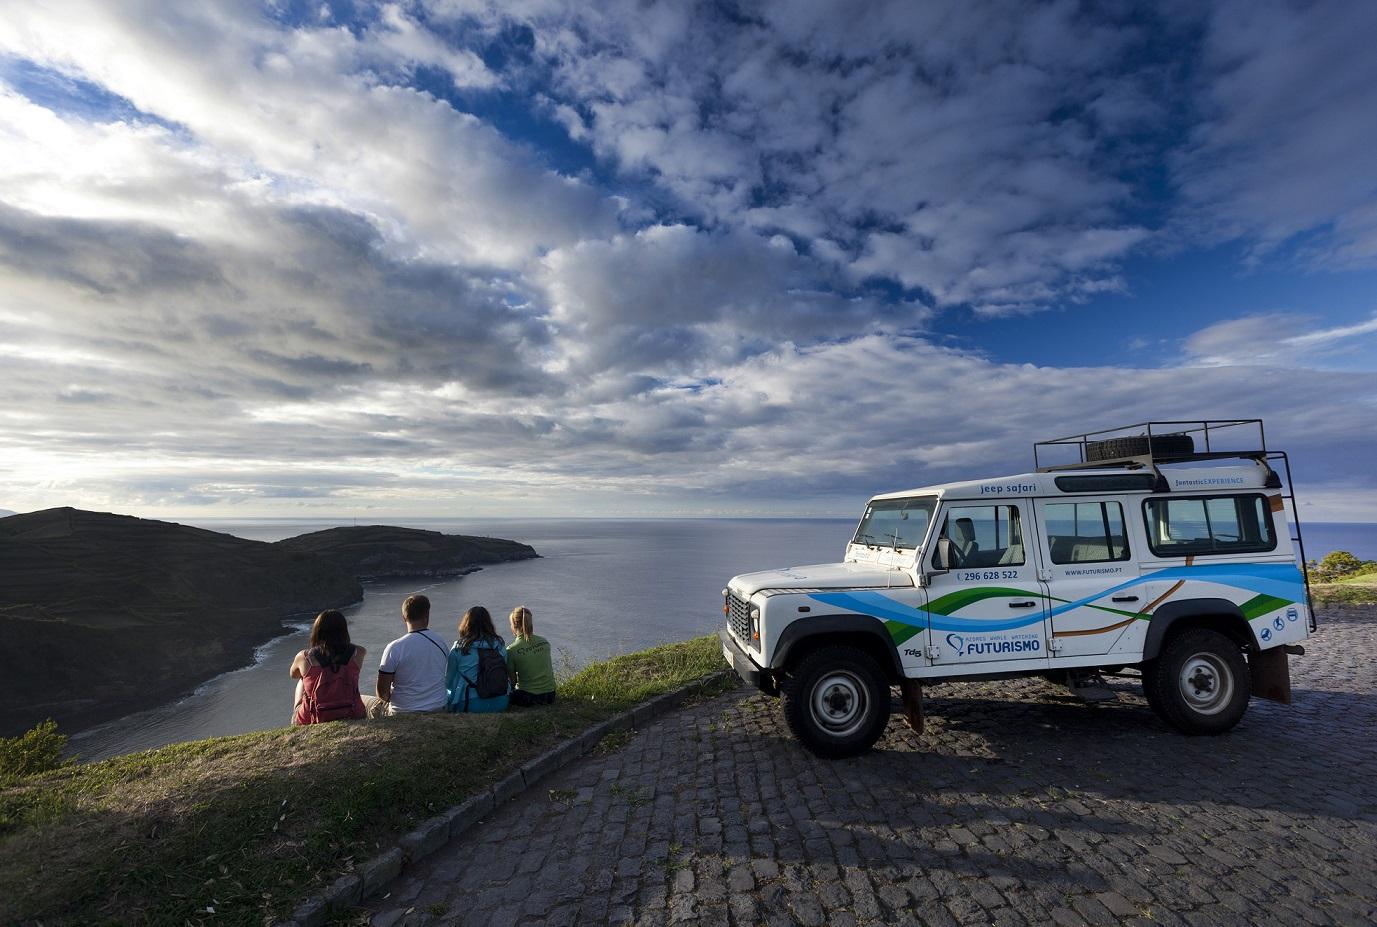 Jeep Tour Credit Futurismo Azores Adventures